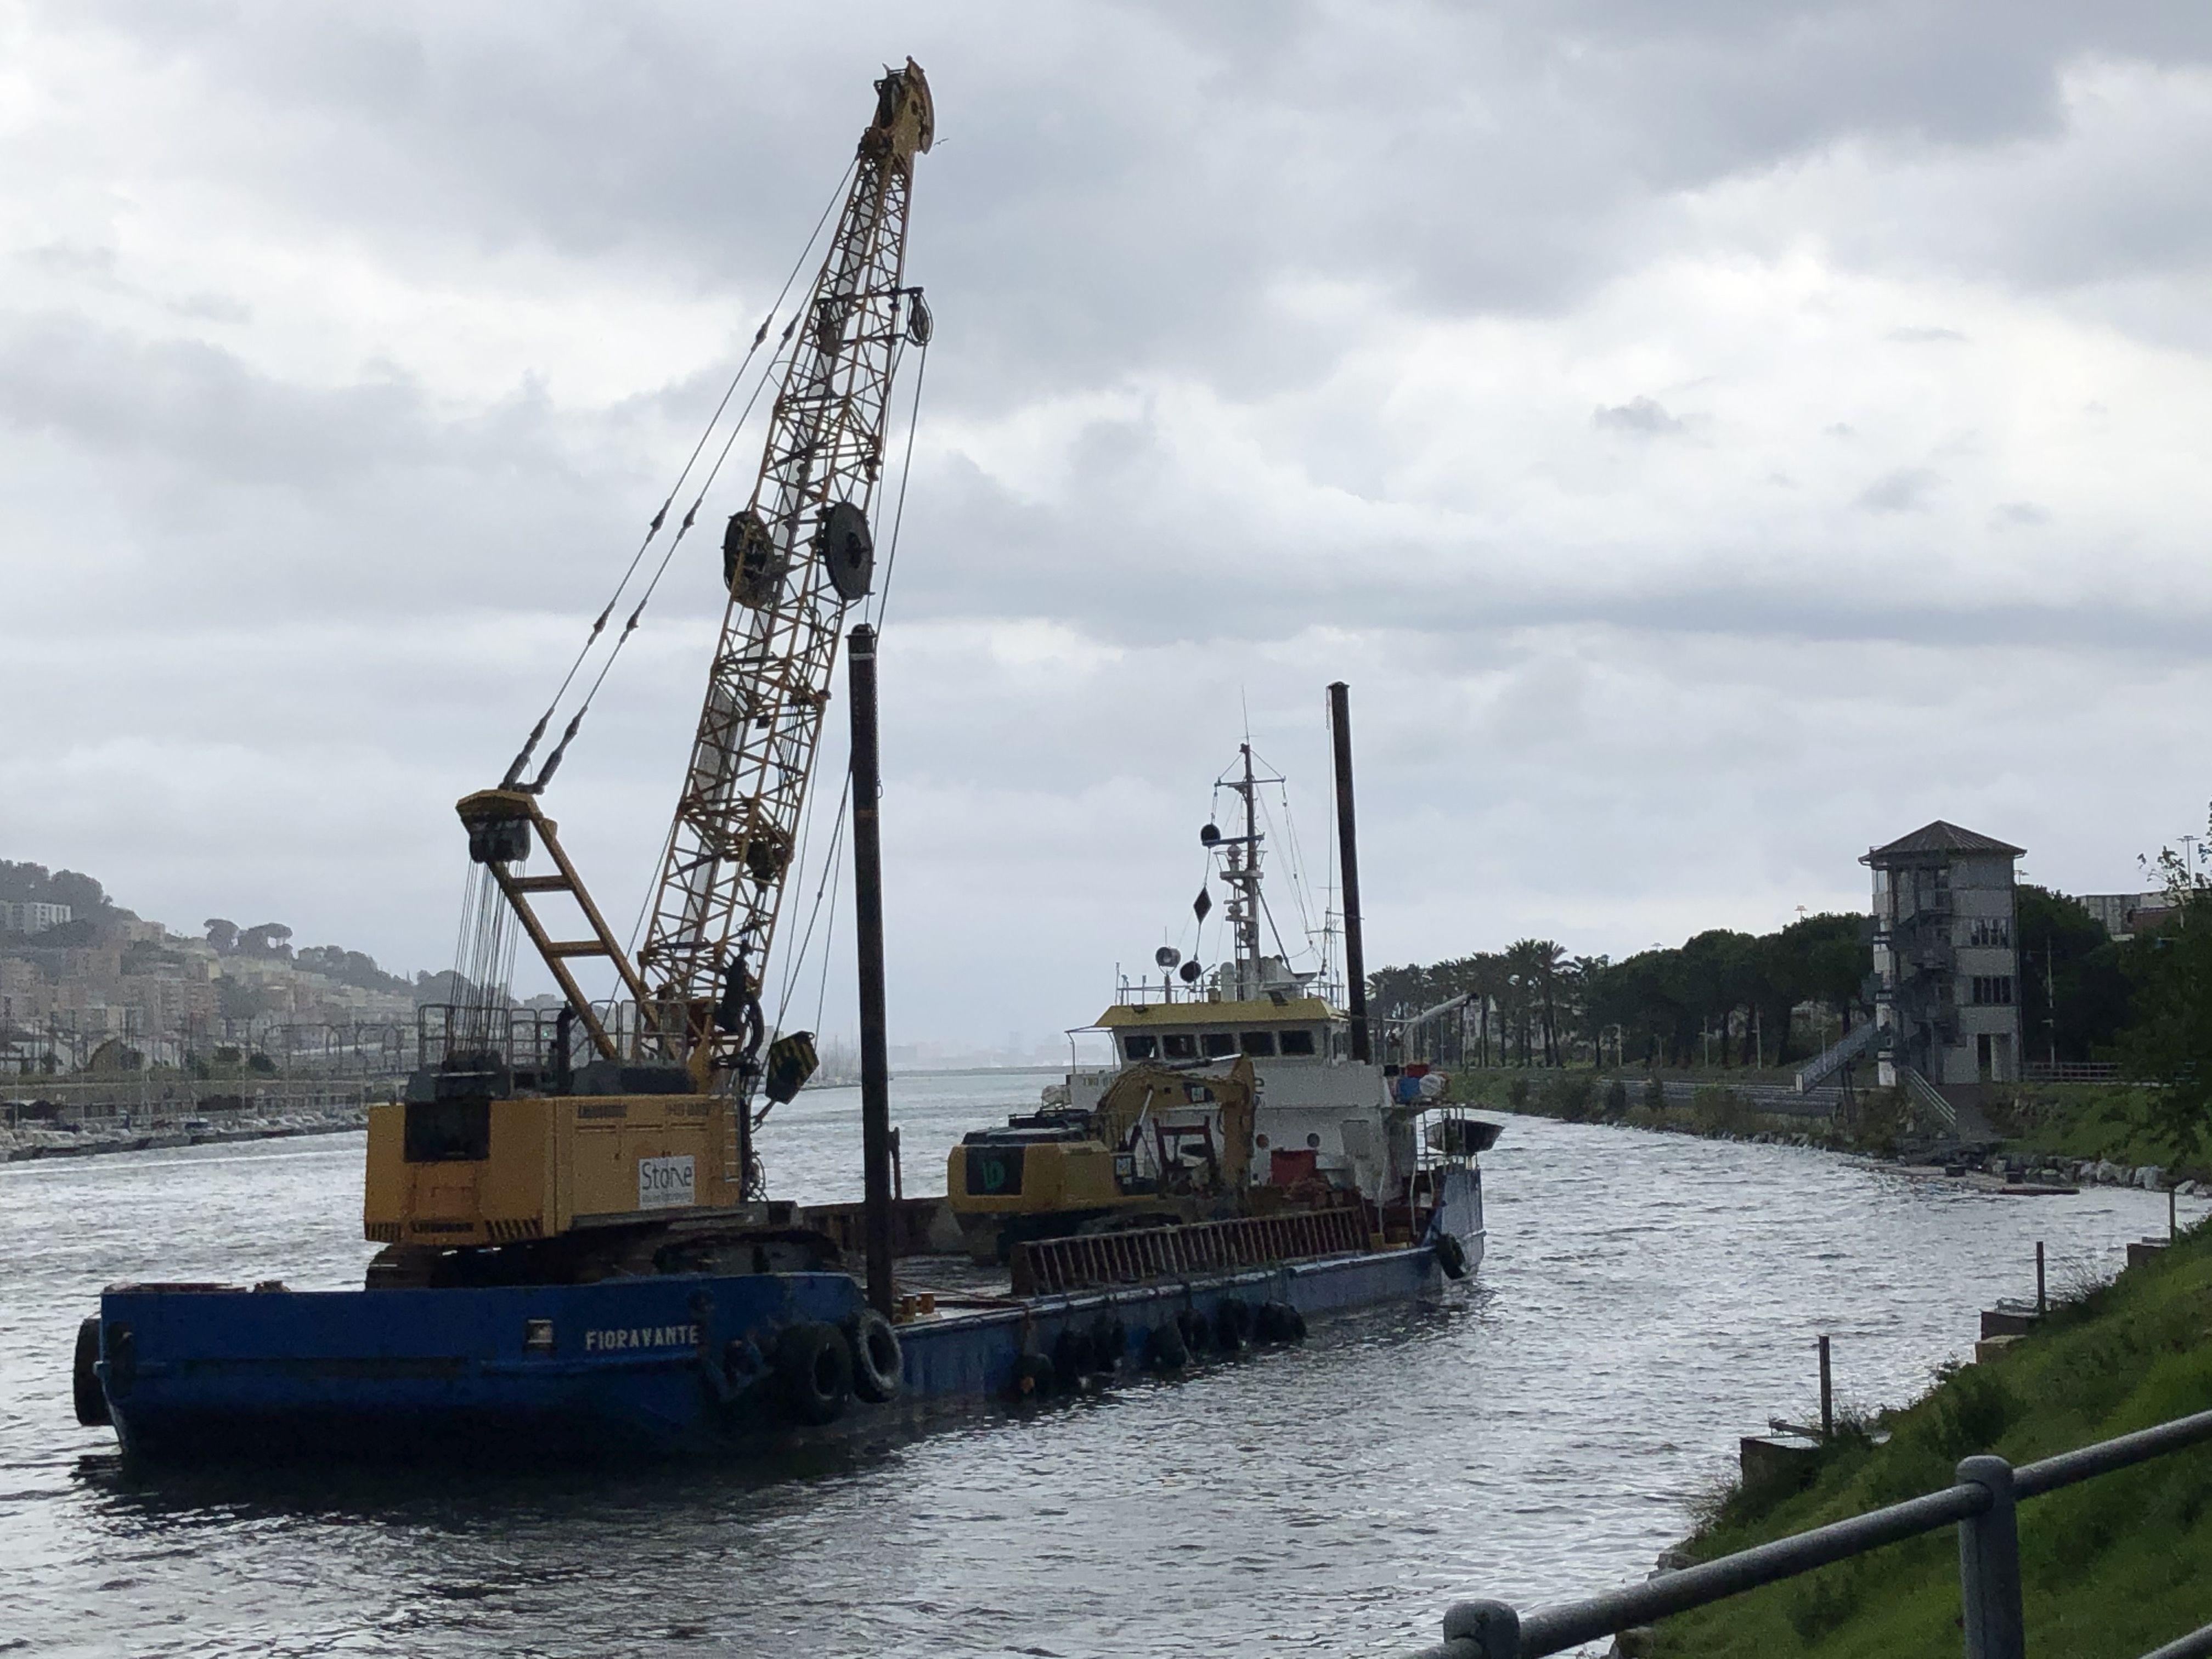 Fotonotizia – La Draga Fioravante nel Canale di Calma di Pra'